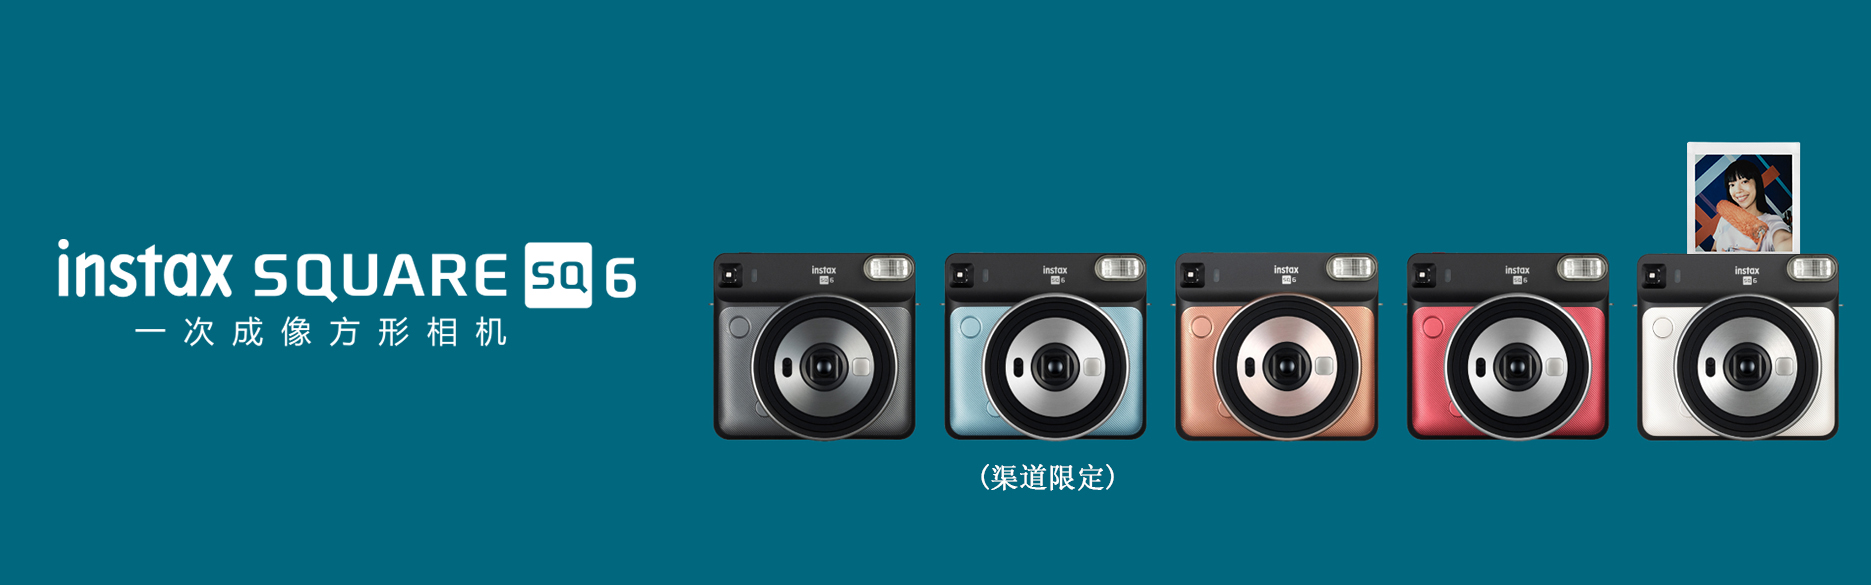 instax SQUARE SQ6,富士instax SQUARE SQ6一次成像相机,SQ6方形相机